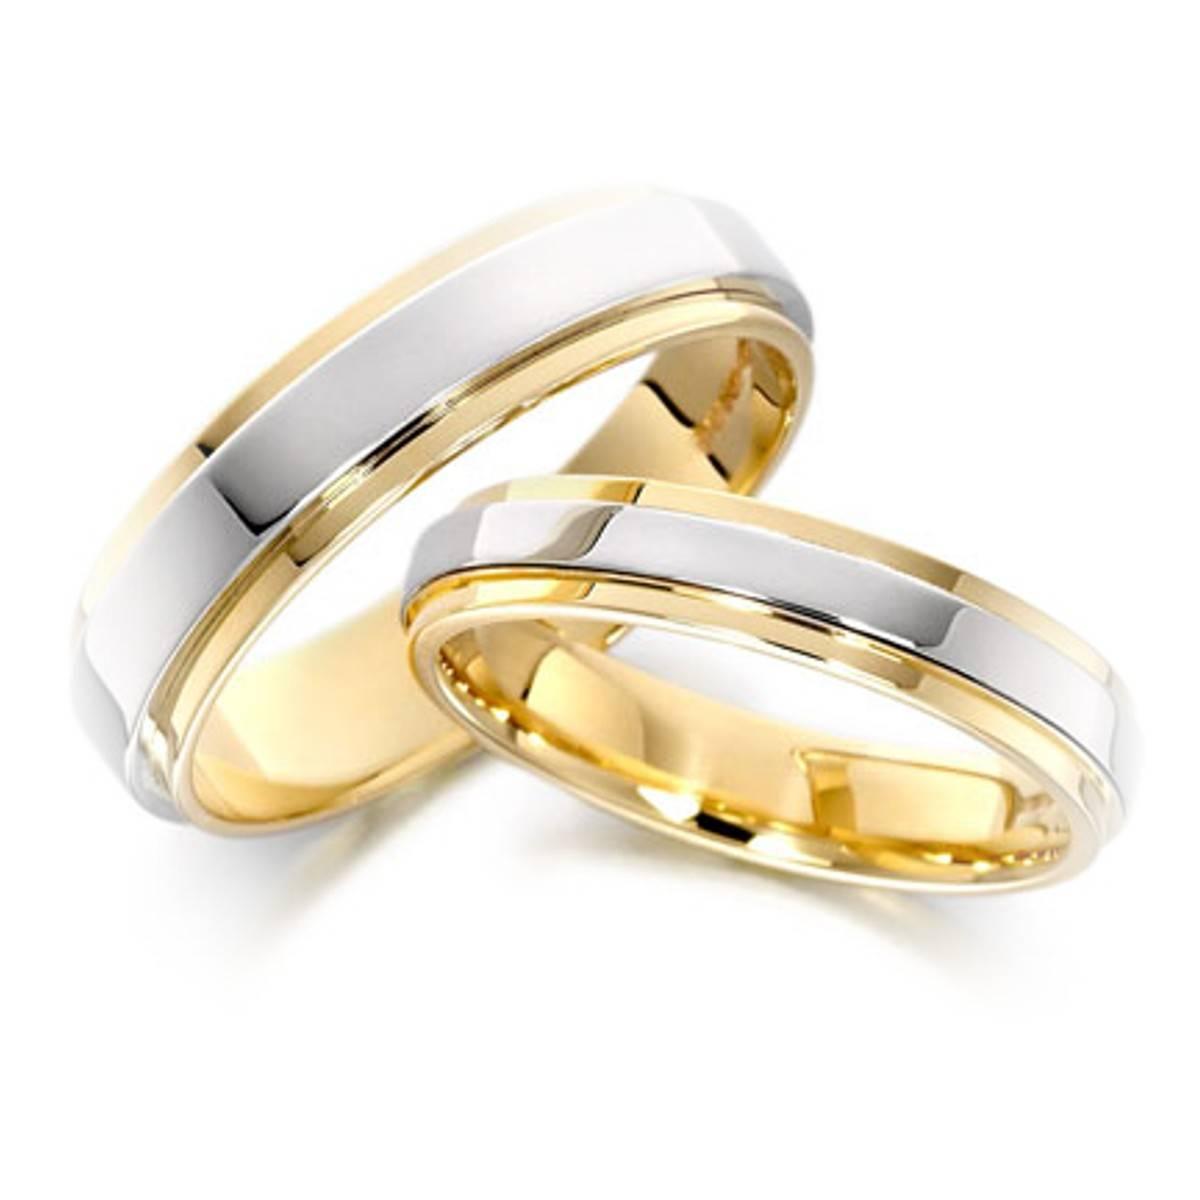 колец обручальных на свадьбе